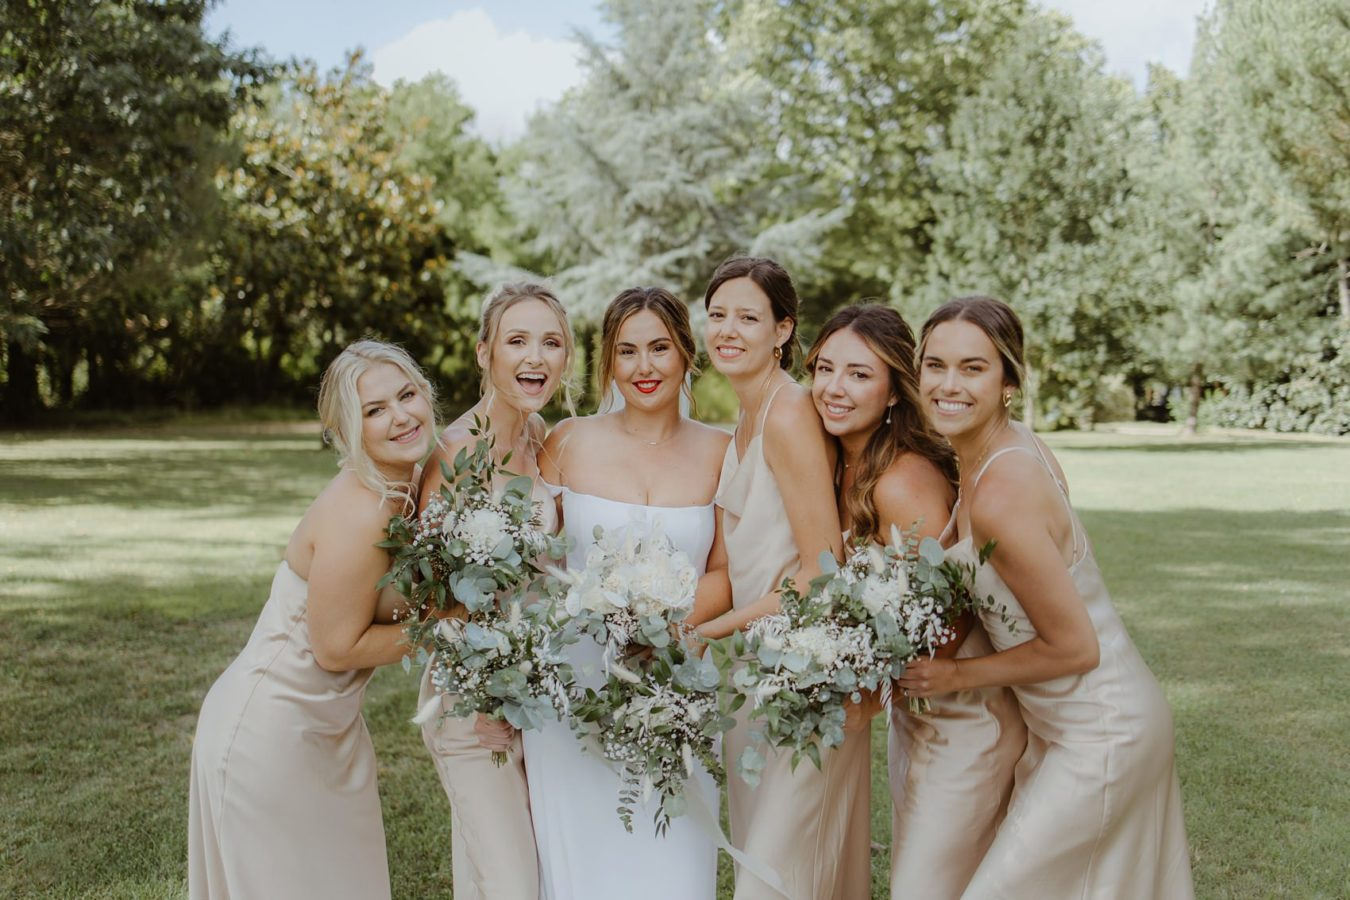 La mariée et ses demoiselles d'honneur en doré pendant un mariage à Bordeaux - Photographe Jade Sequeval